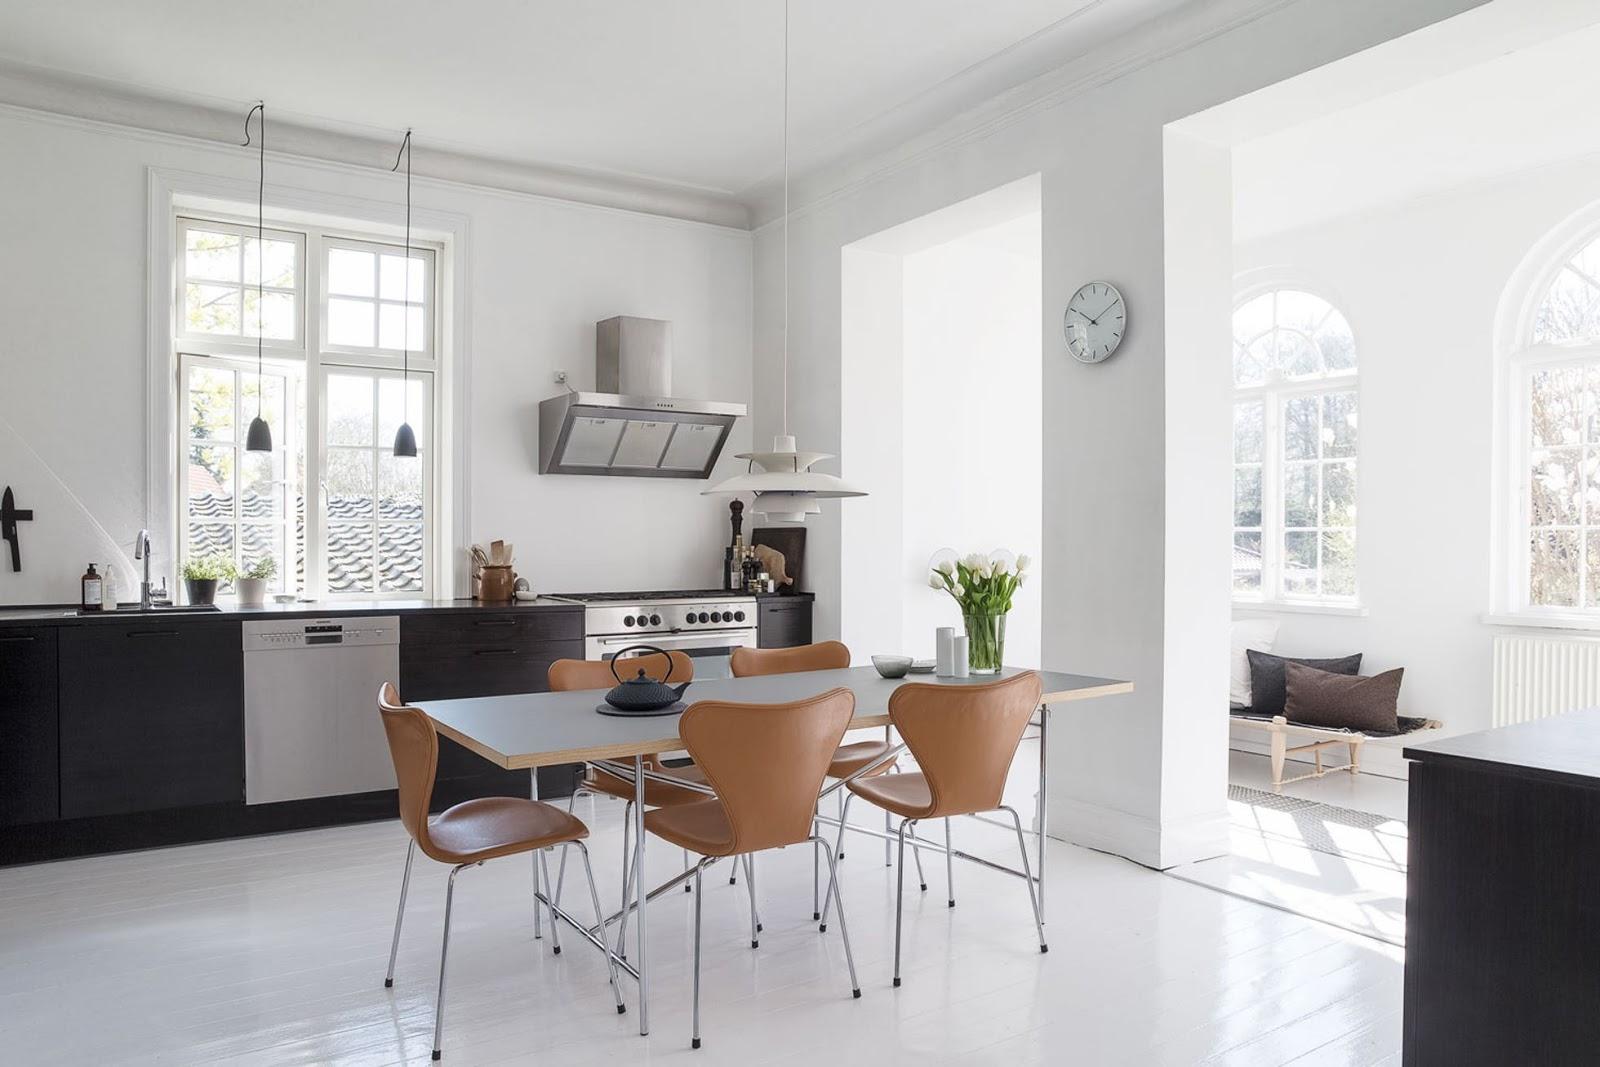 black and white interior design, nordic home, black furniture, white floor, monochrome decor